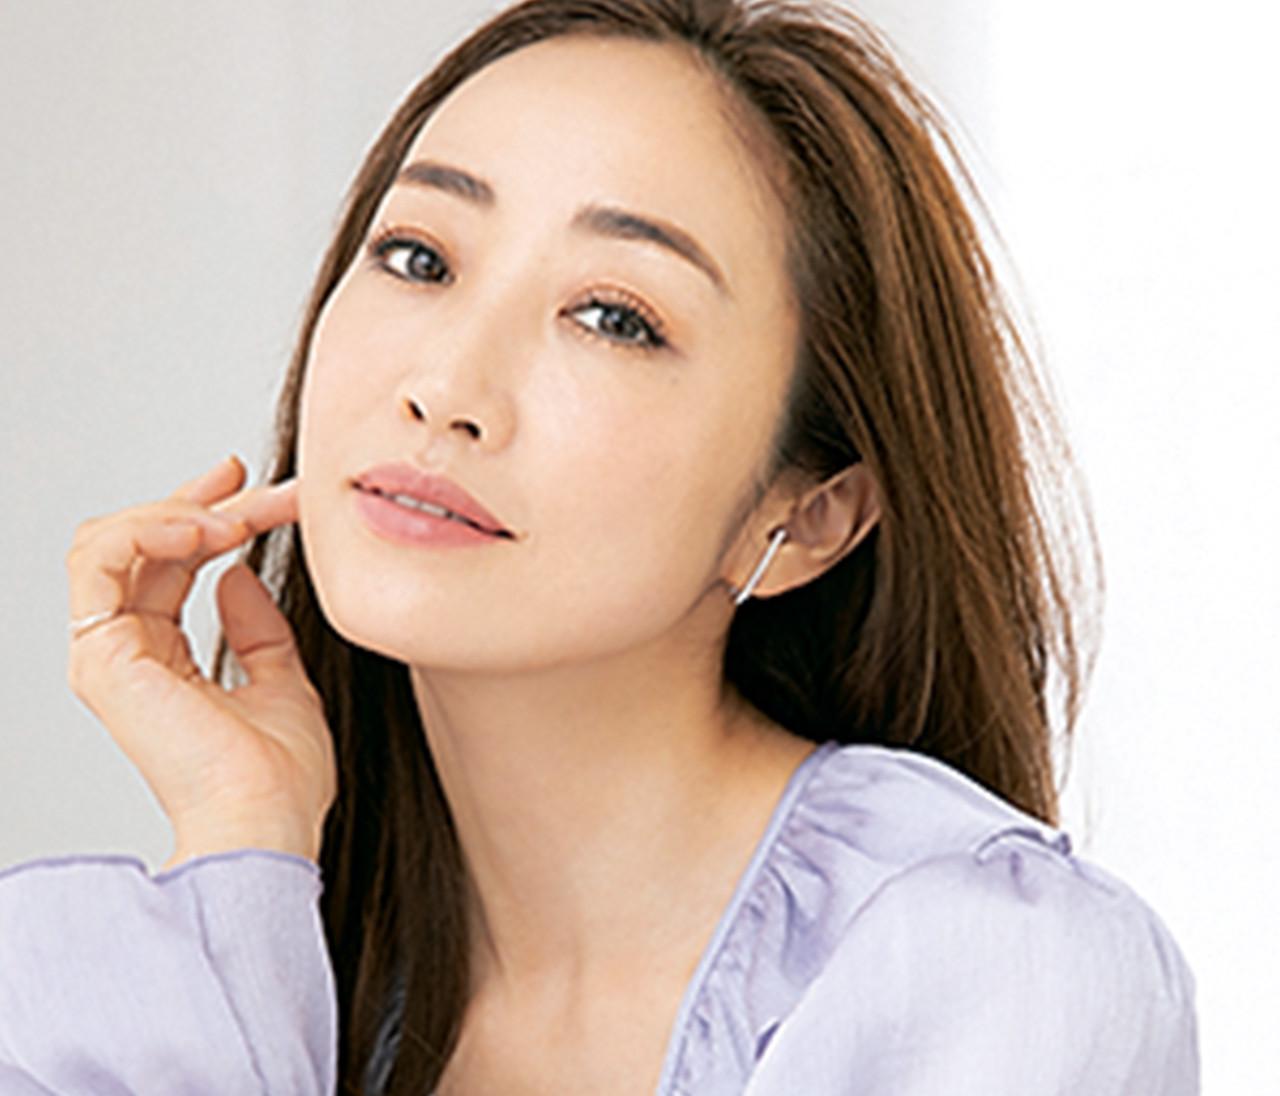 【神崎恵さんのクリーム美容】「美の圧力鍋」と言われるクリームが30代に必要なワケ